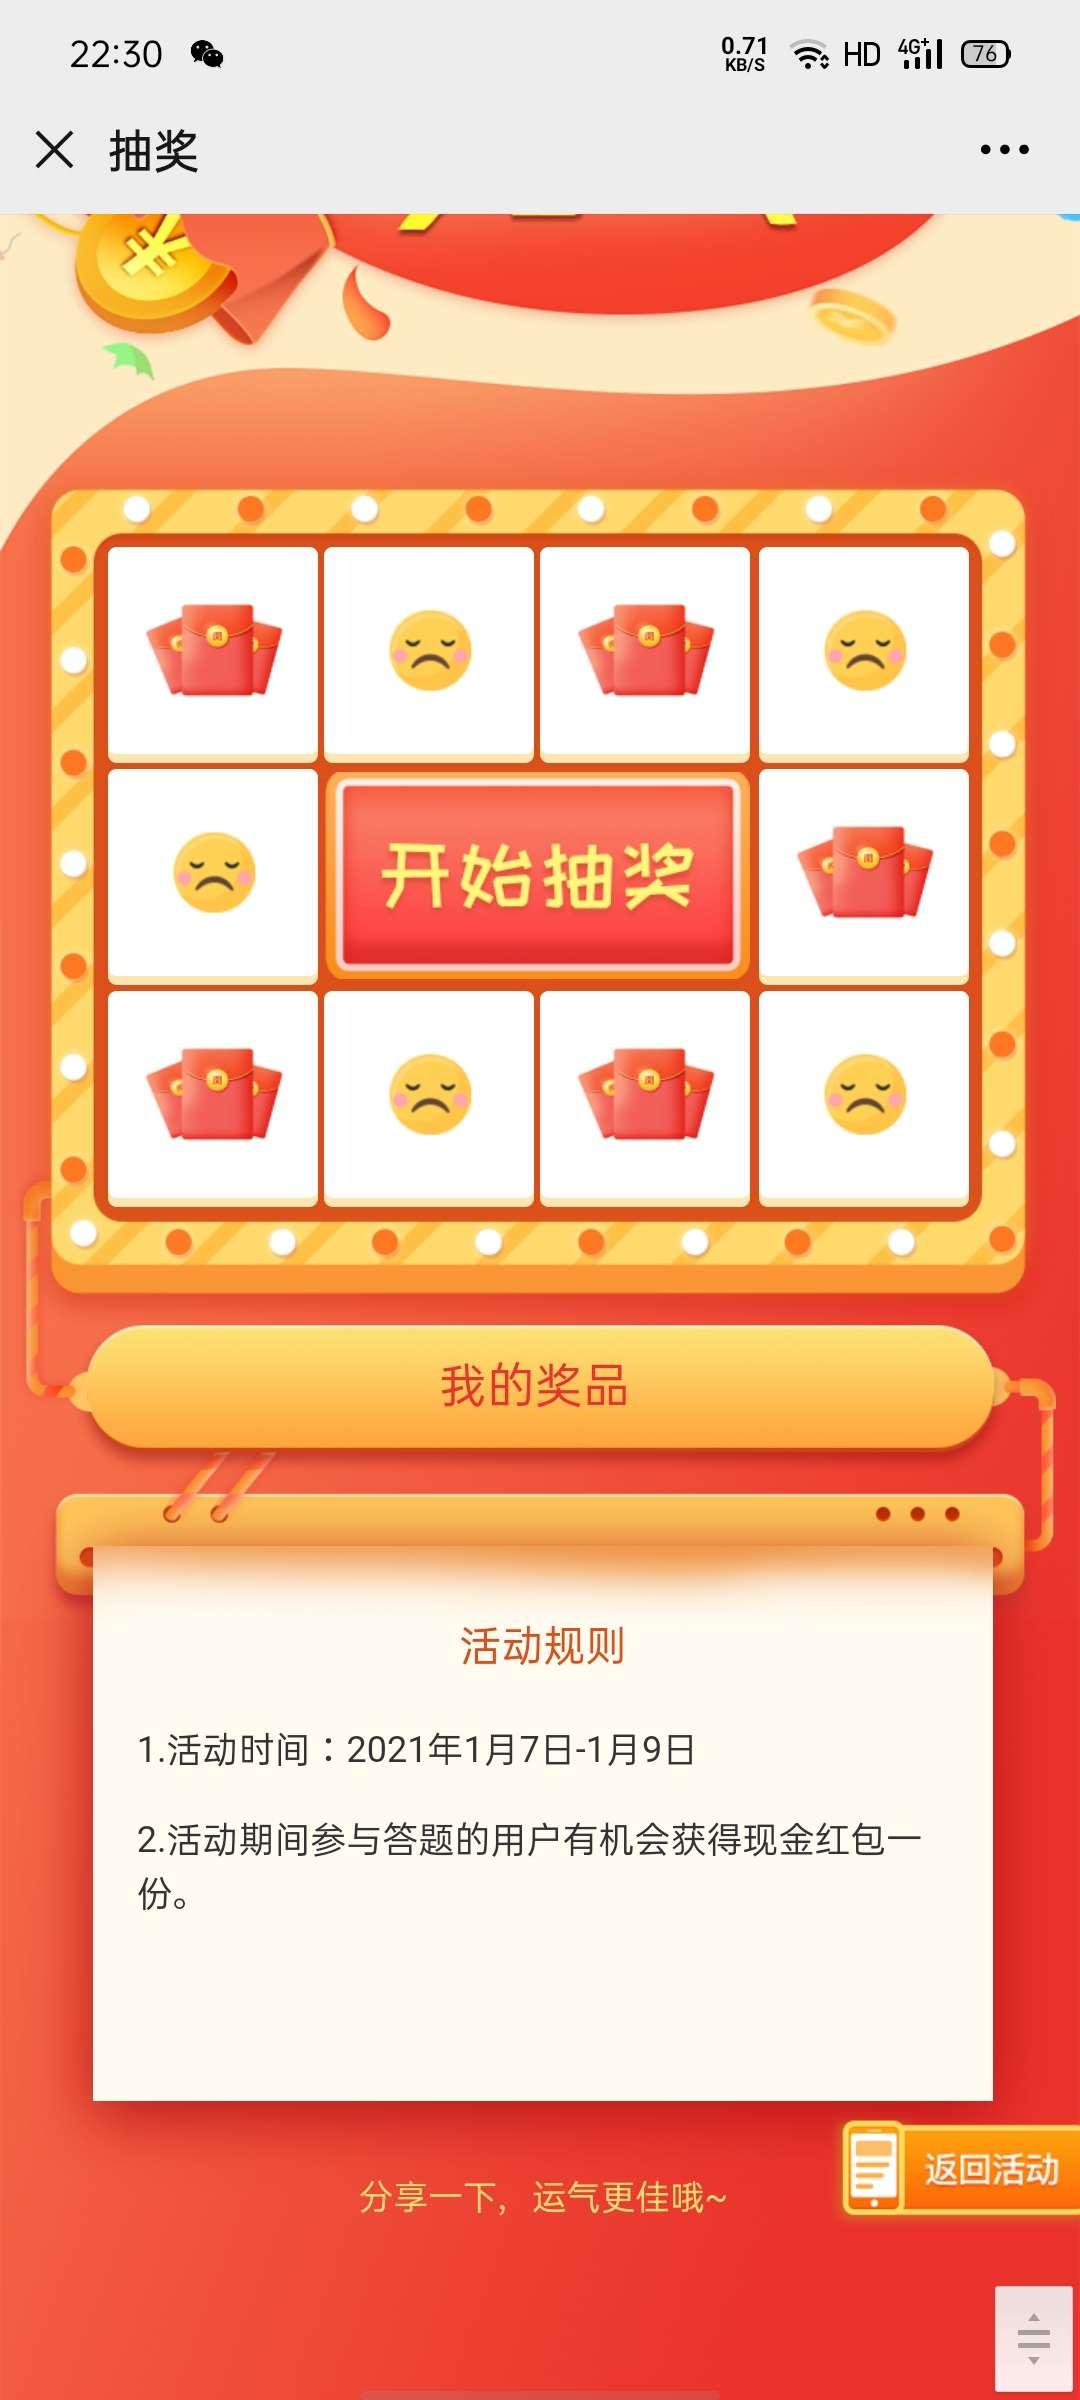 图片[3]-江苏省私个协会填问卷抽红包-老友薅羊毛活动线报网